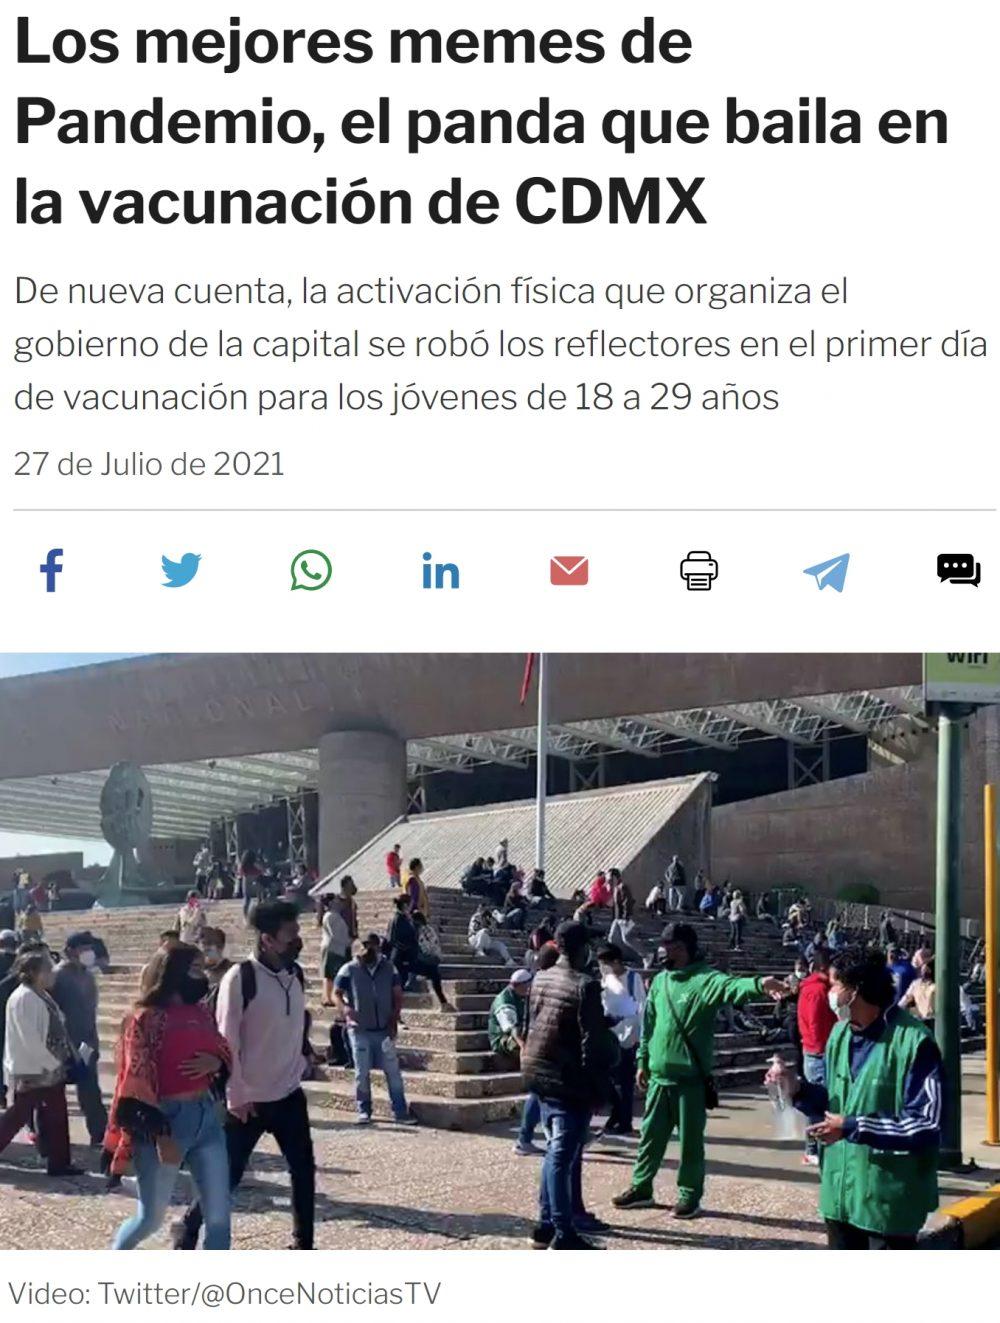 Panda Pandemio: La nueva mascota de México contra la pandemia